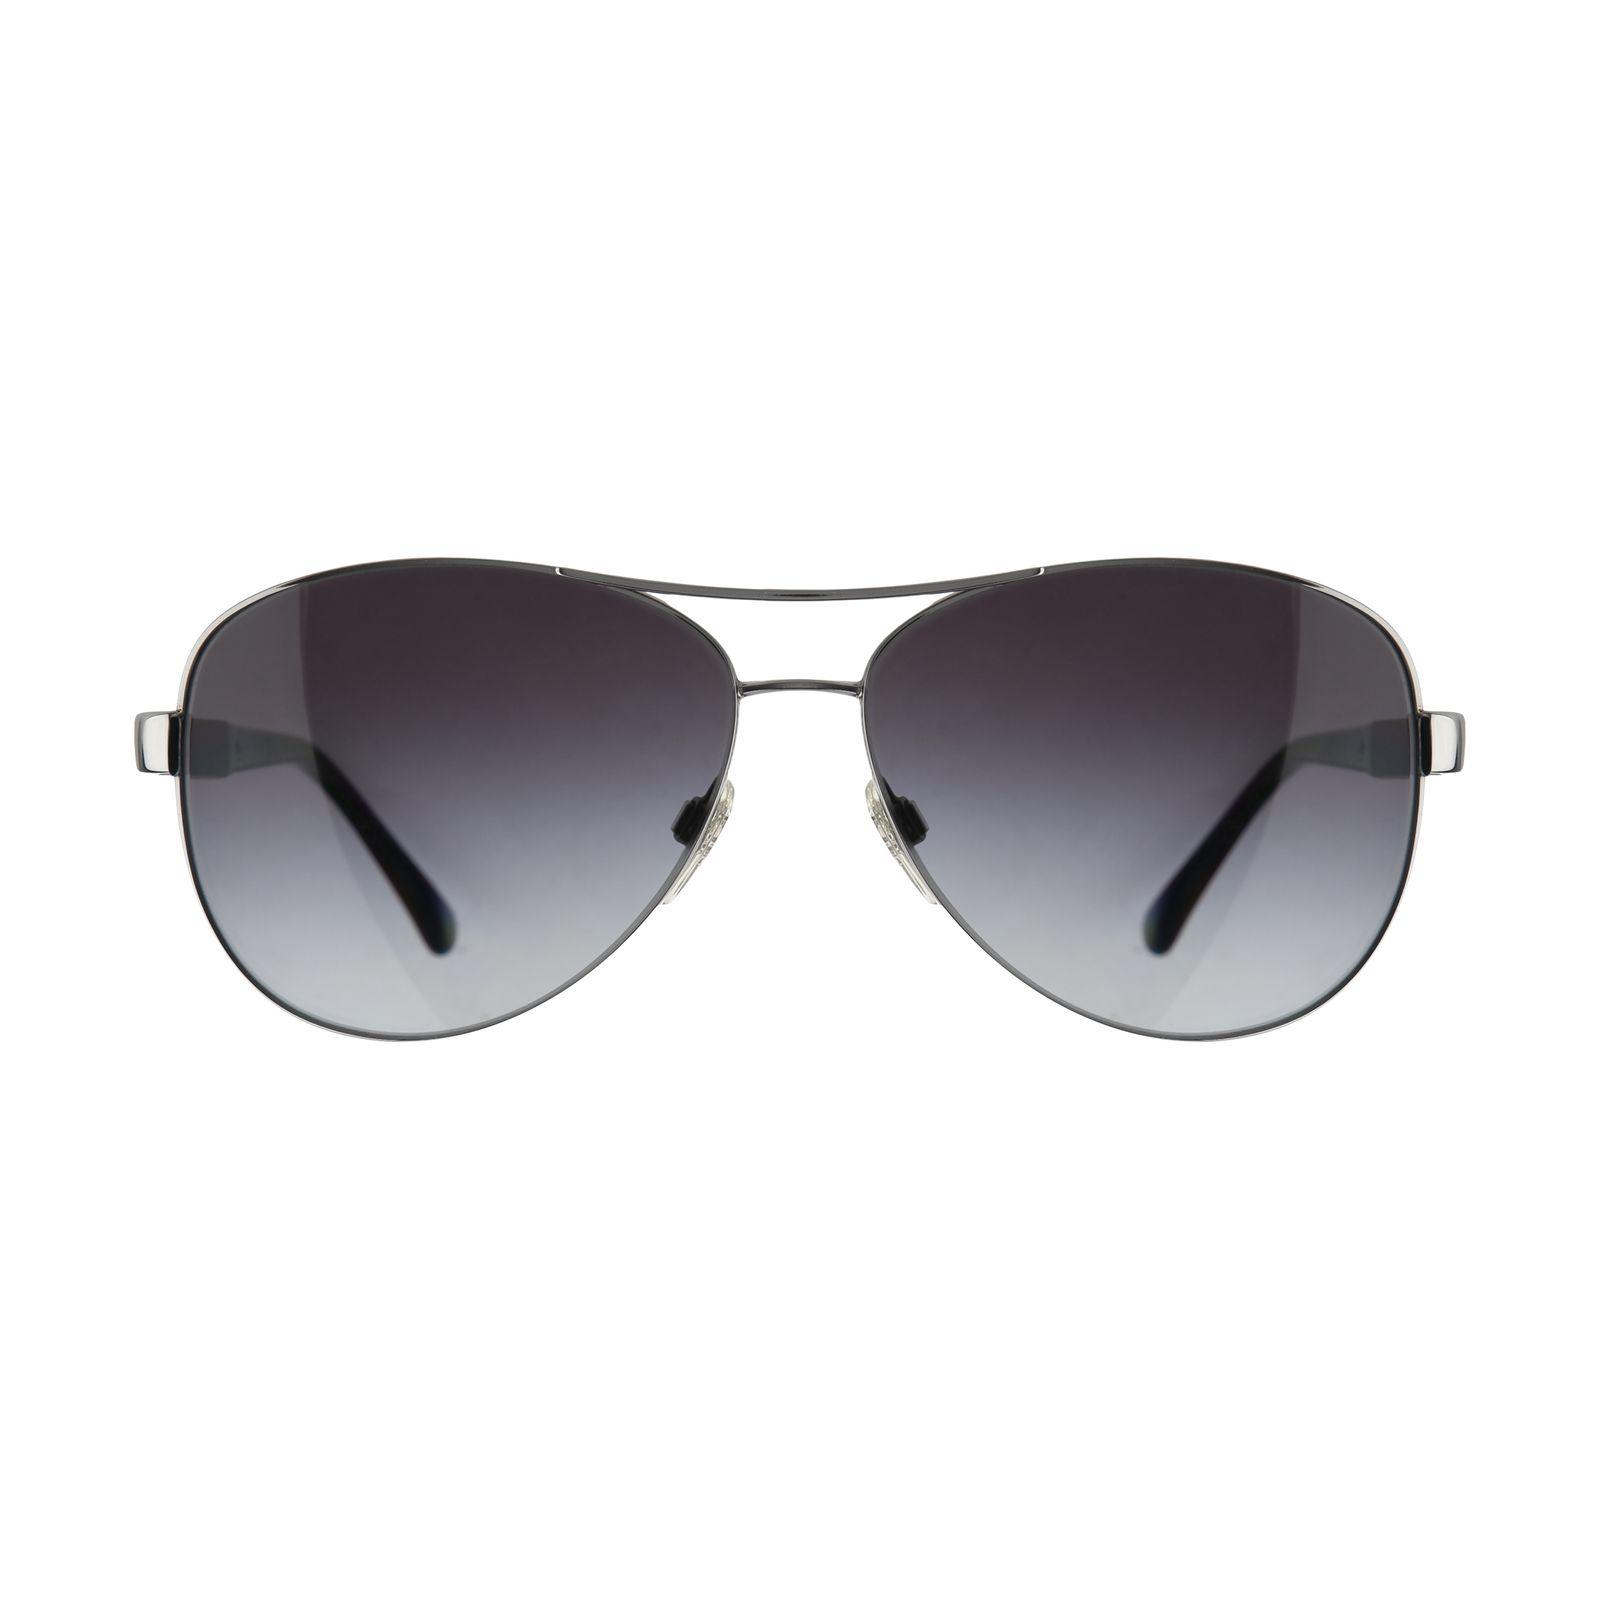 عینک آفتابی مردانه بربری مدل BE 3080S 10038G 59 -  - 2